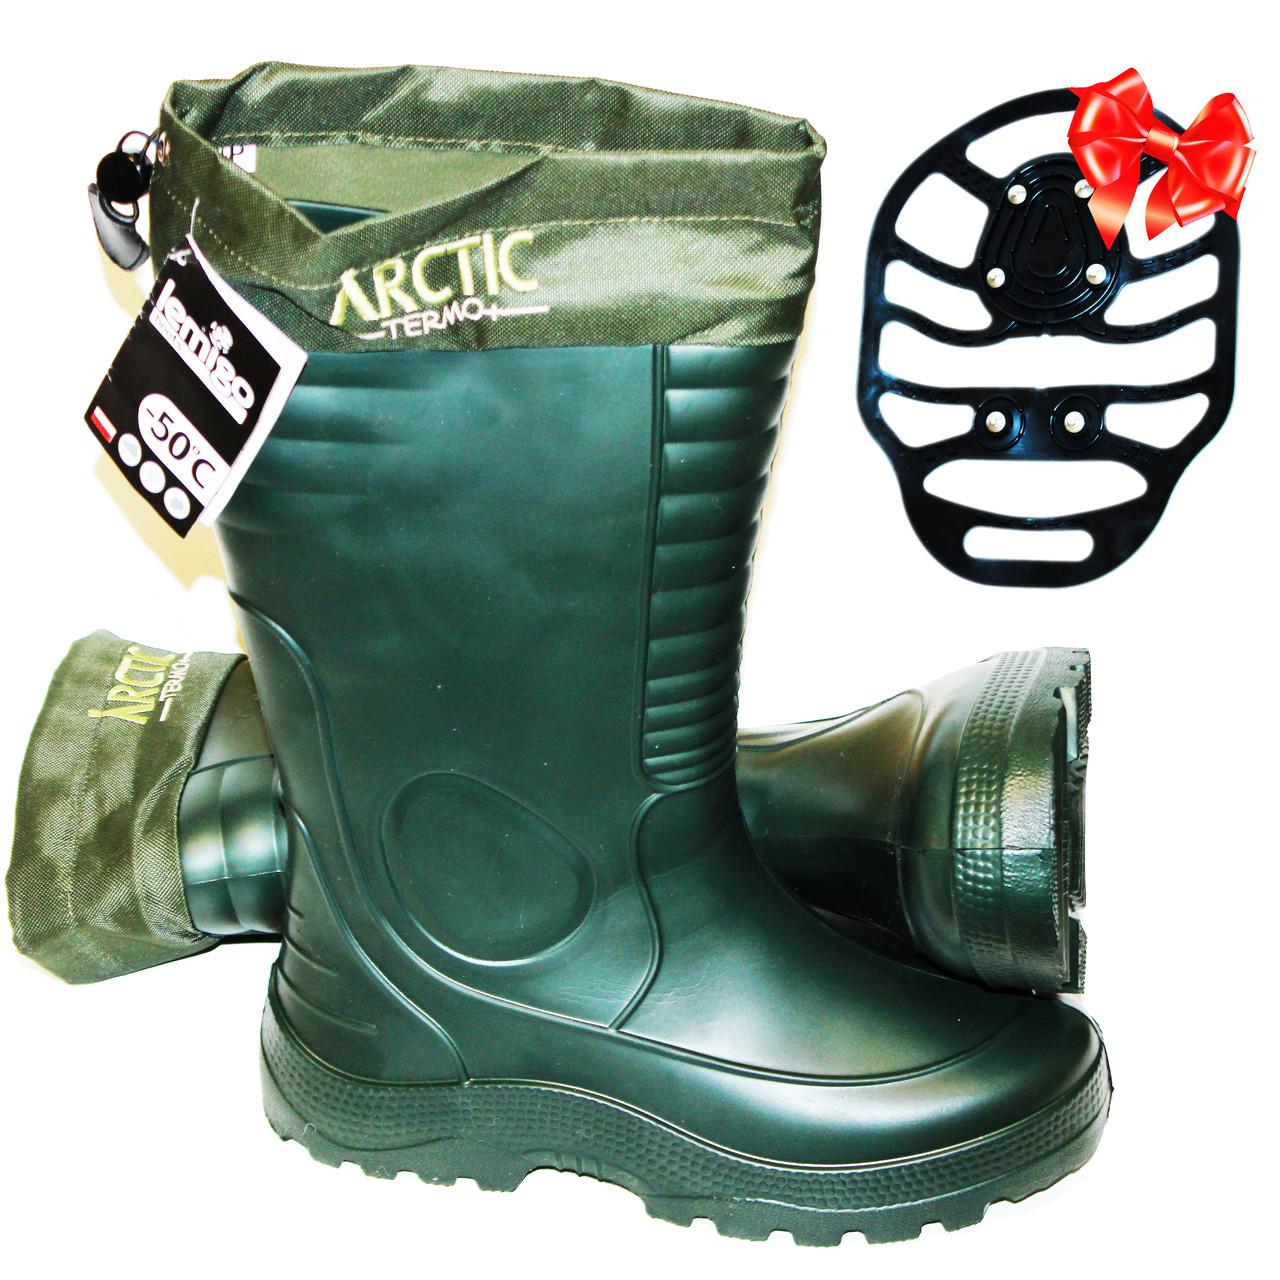 Чоботи з зимовим панчохою Lemigo Arctic termo 875. -50 С. Оригінал (виробництво Польща).